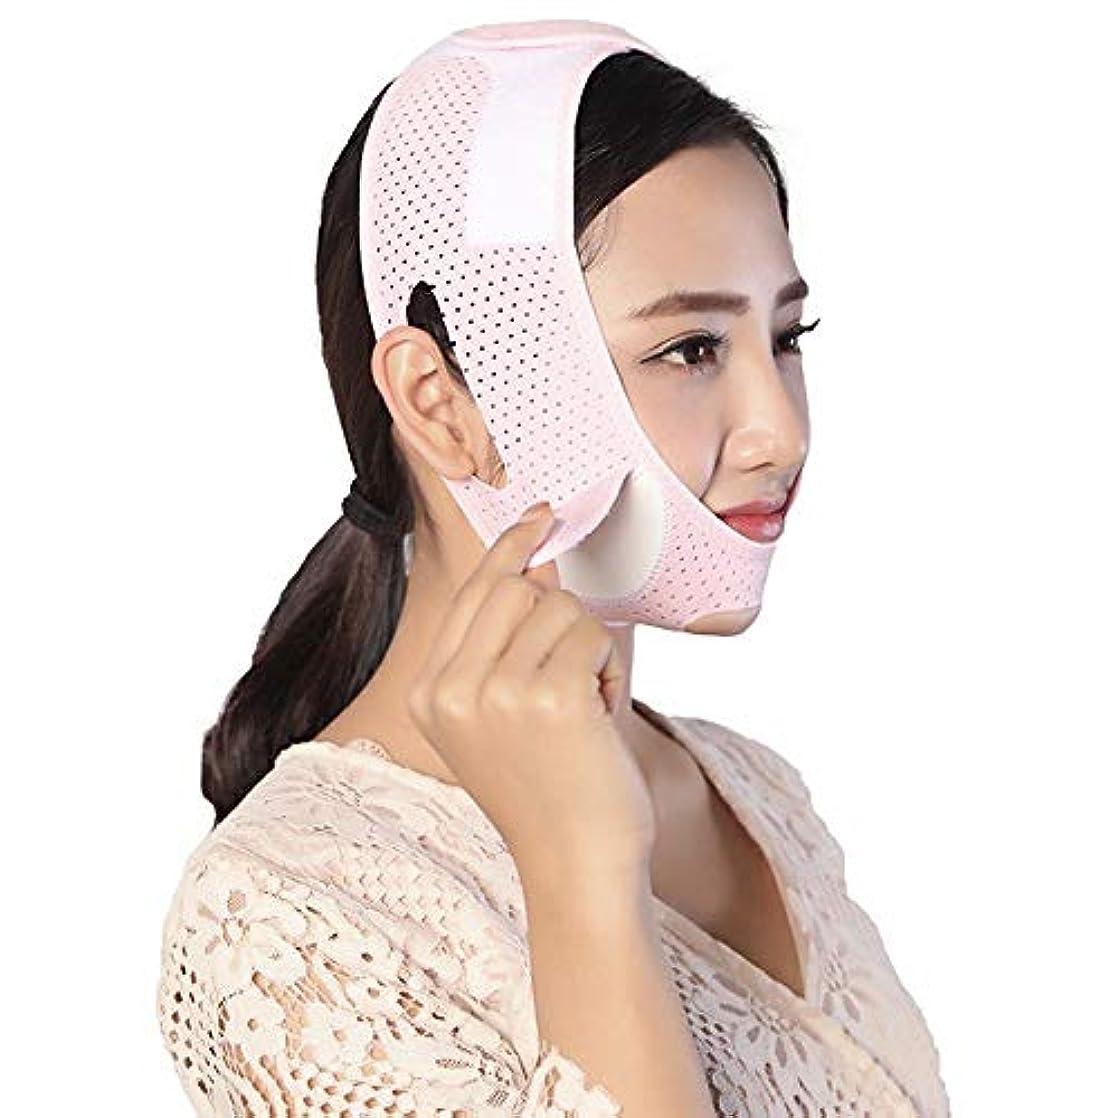 表面的なガス遺体安置所薄い顔のバンド - 薄い顔の包帯は、ダブルの顎の法令Vをマスクするために持ち上げて睡眠マスクの通気 美しさ